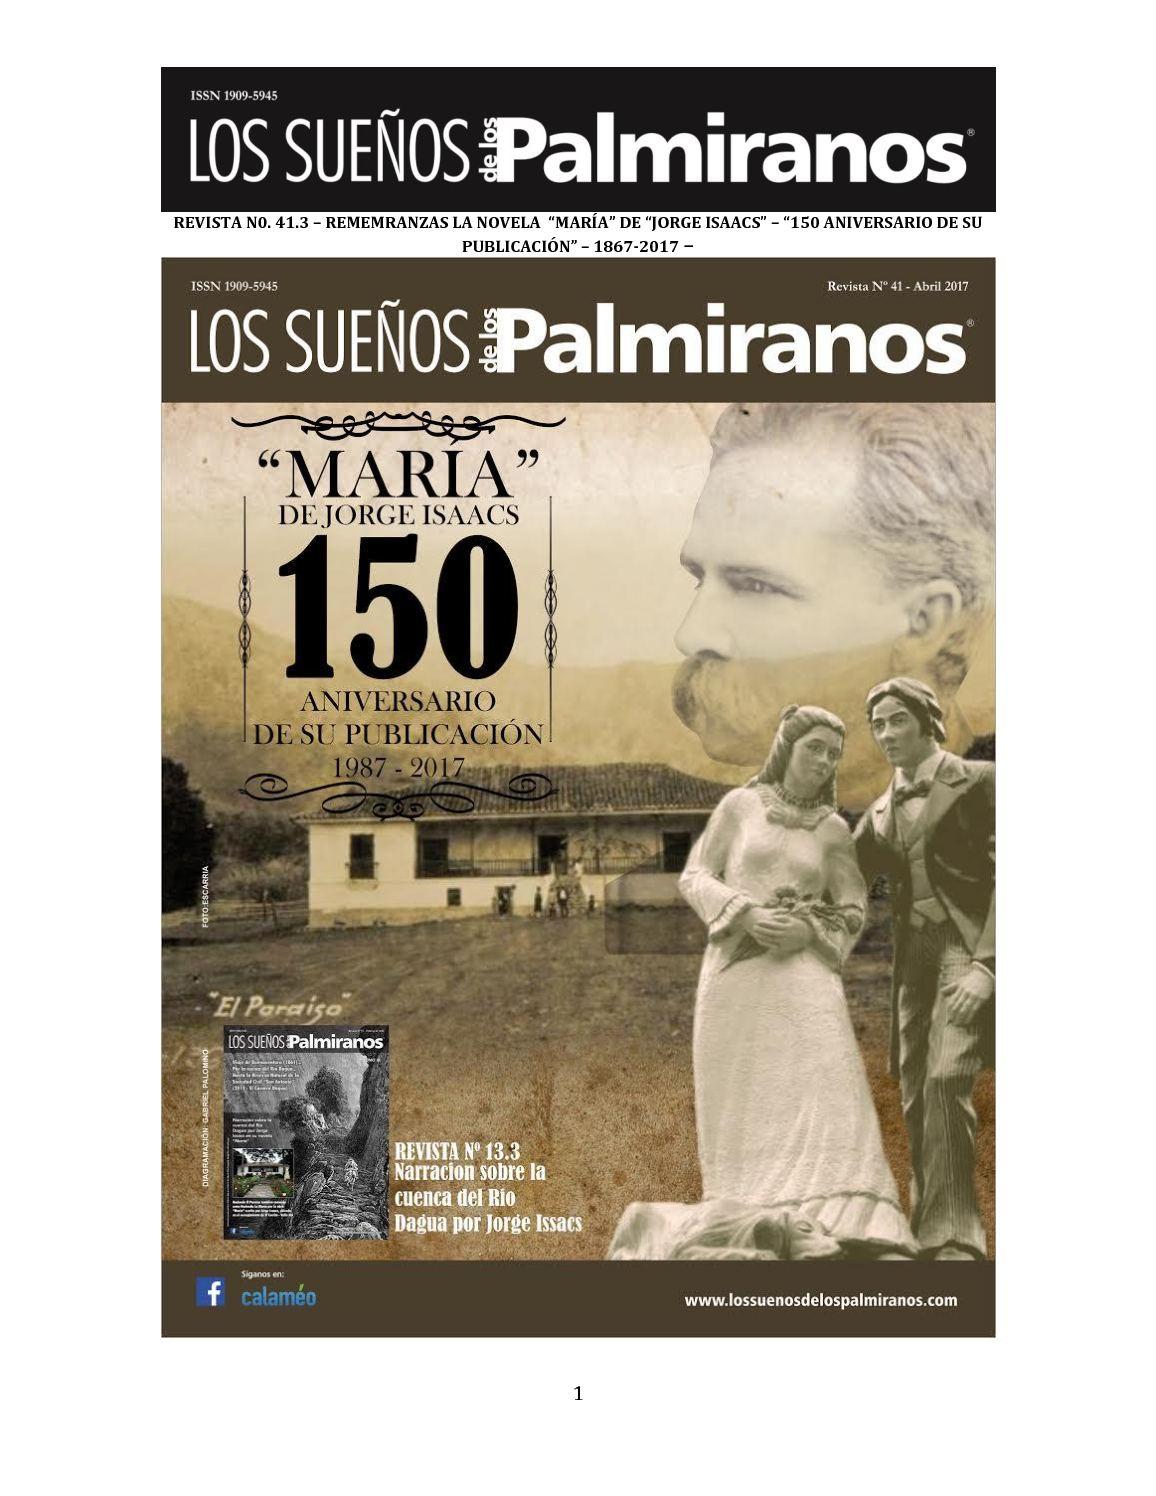 Calaméo - Revista N0 41 3 Remembranzas De La Novela Maria De Jorge ...